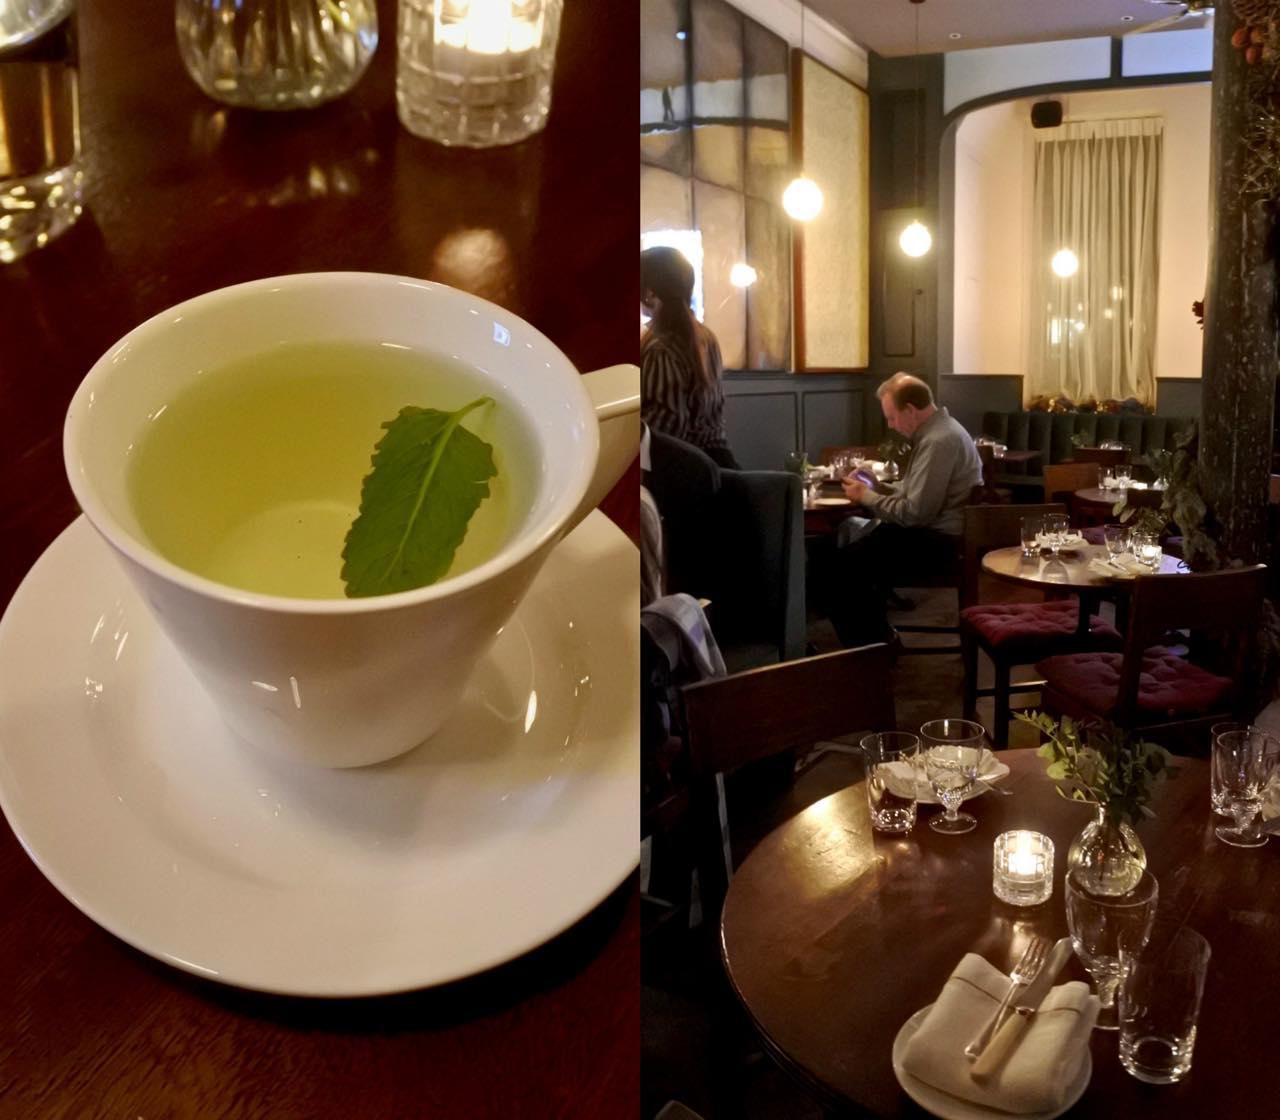 気配りのフレッシュ・ミント・ティー。ミントで一旦風味をつけてから、程よい濃さになったところでカップに入れてサーブされる。こういう出され方をしたレストランは初めてです。